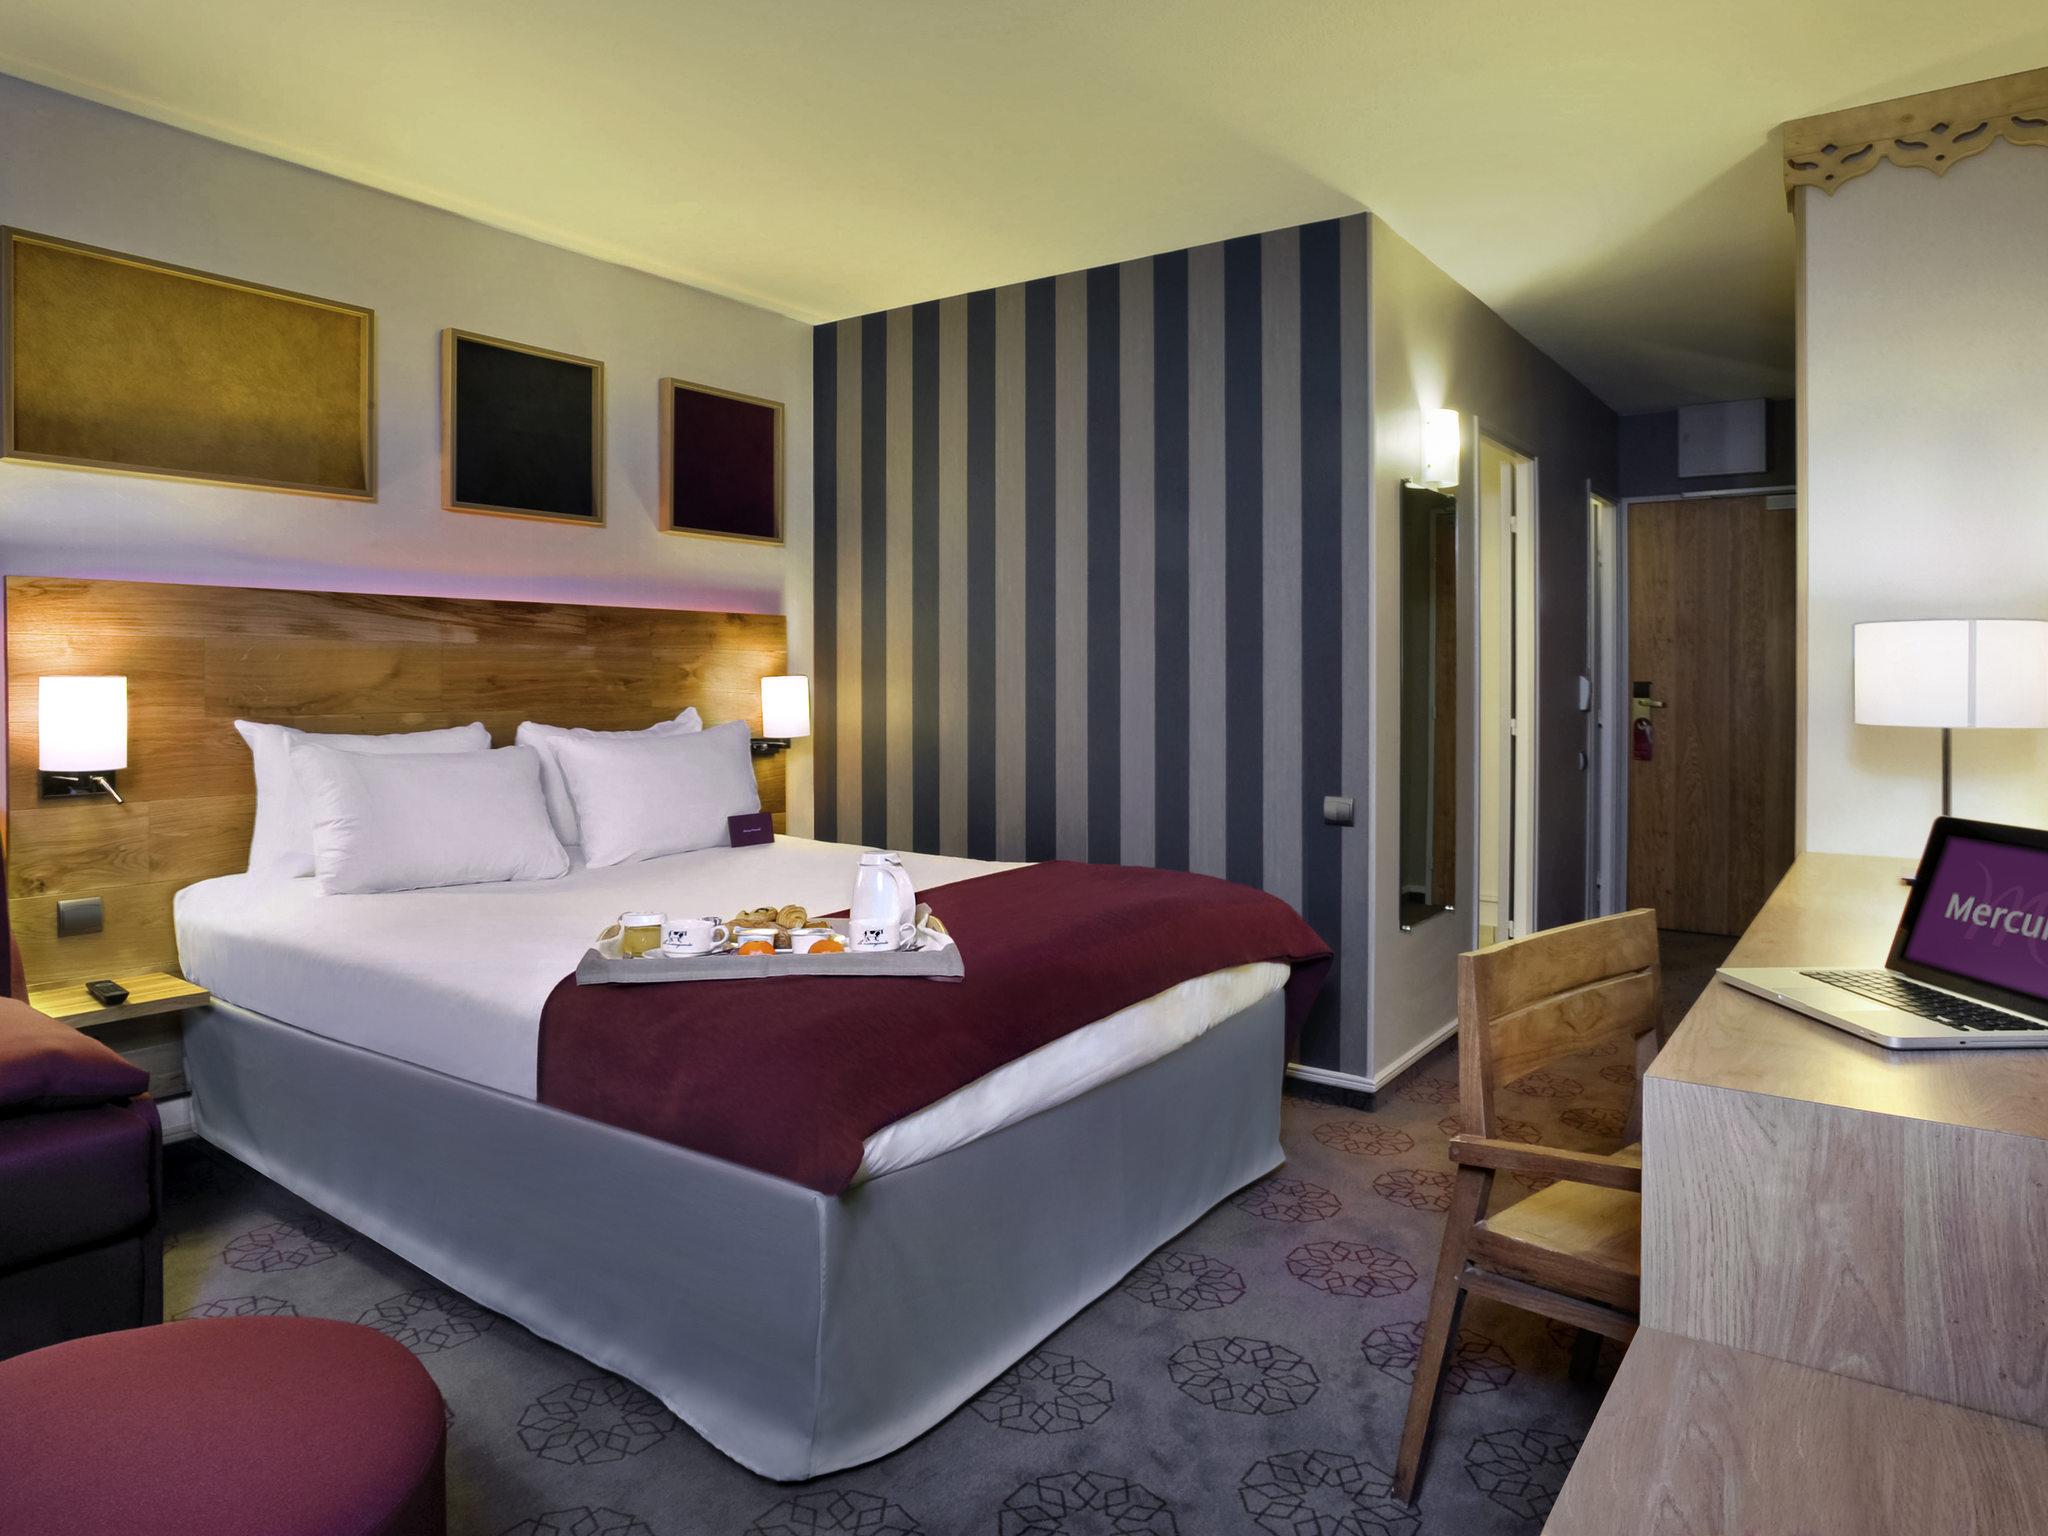 Отель — Hôtel Mercure Saint-Lary Sensoria